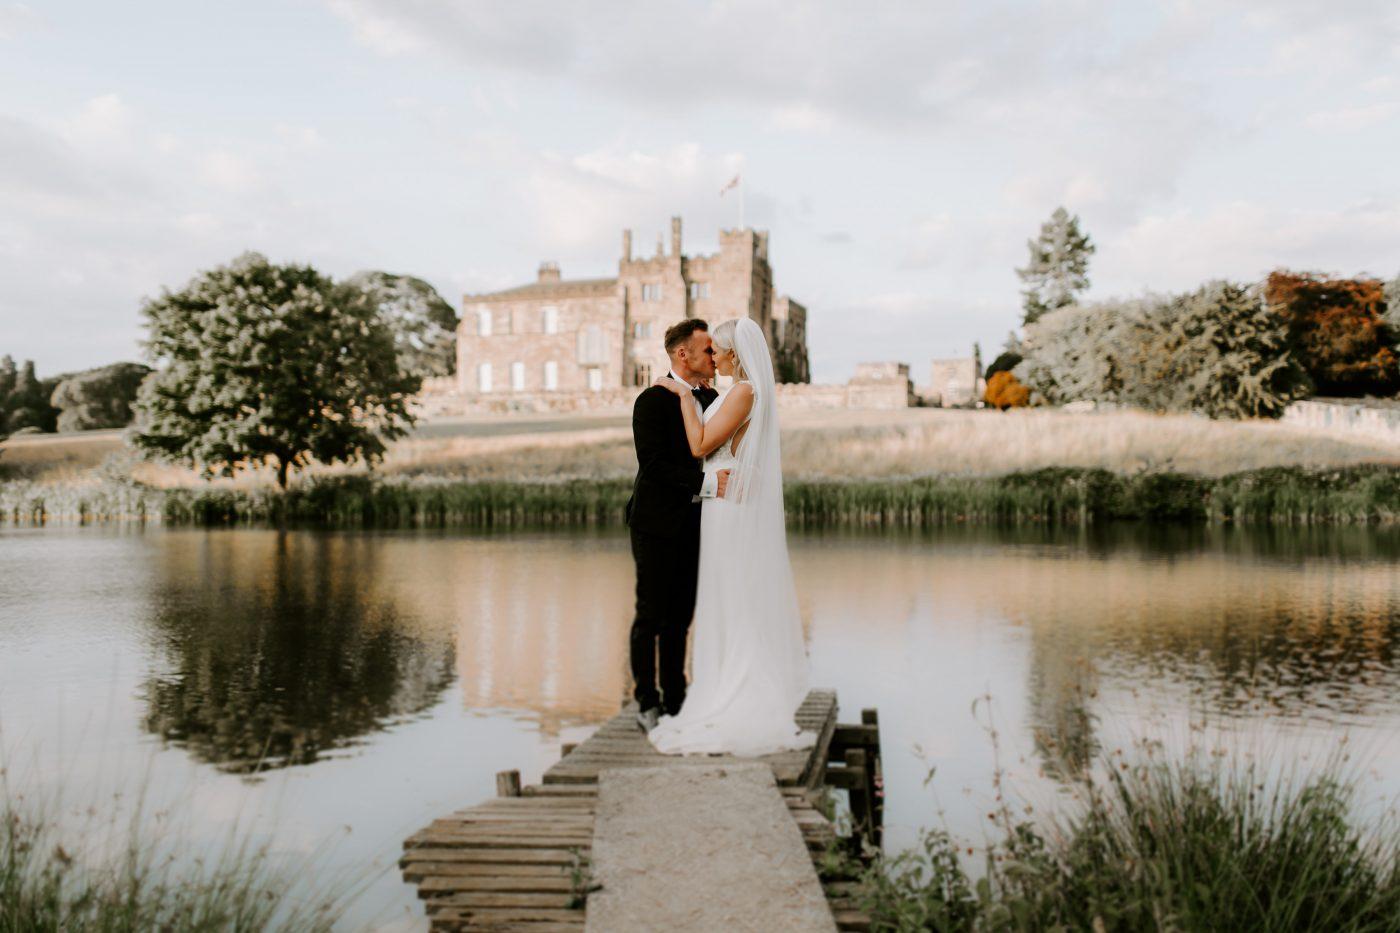 Ripley Castle Wedding Venue